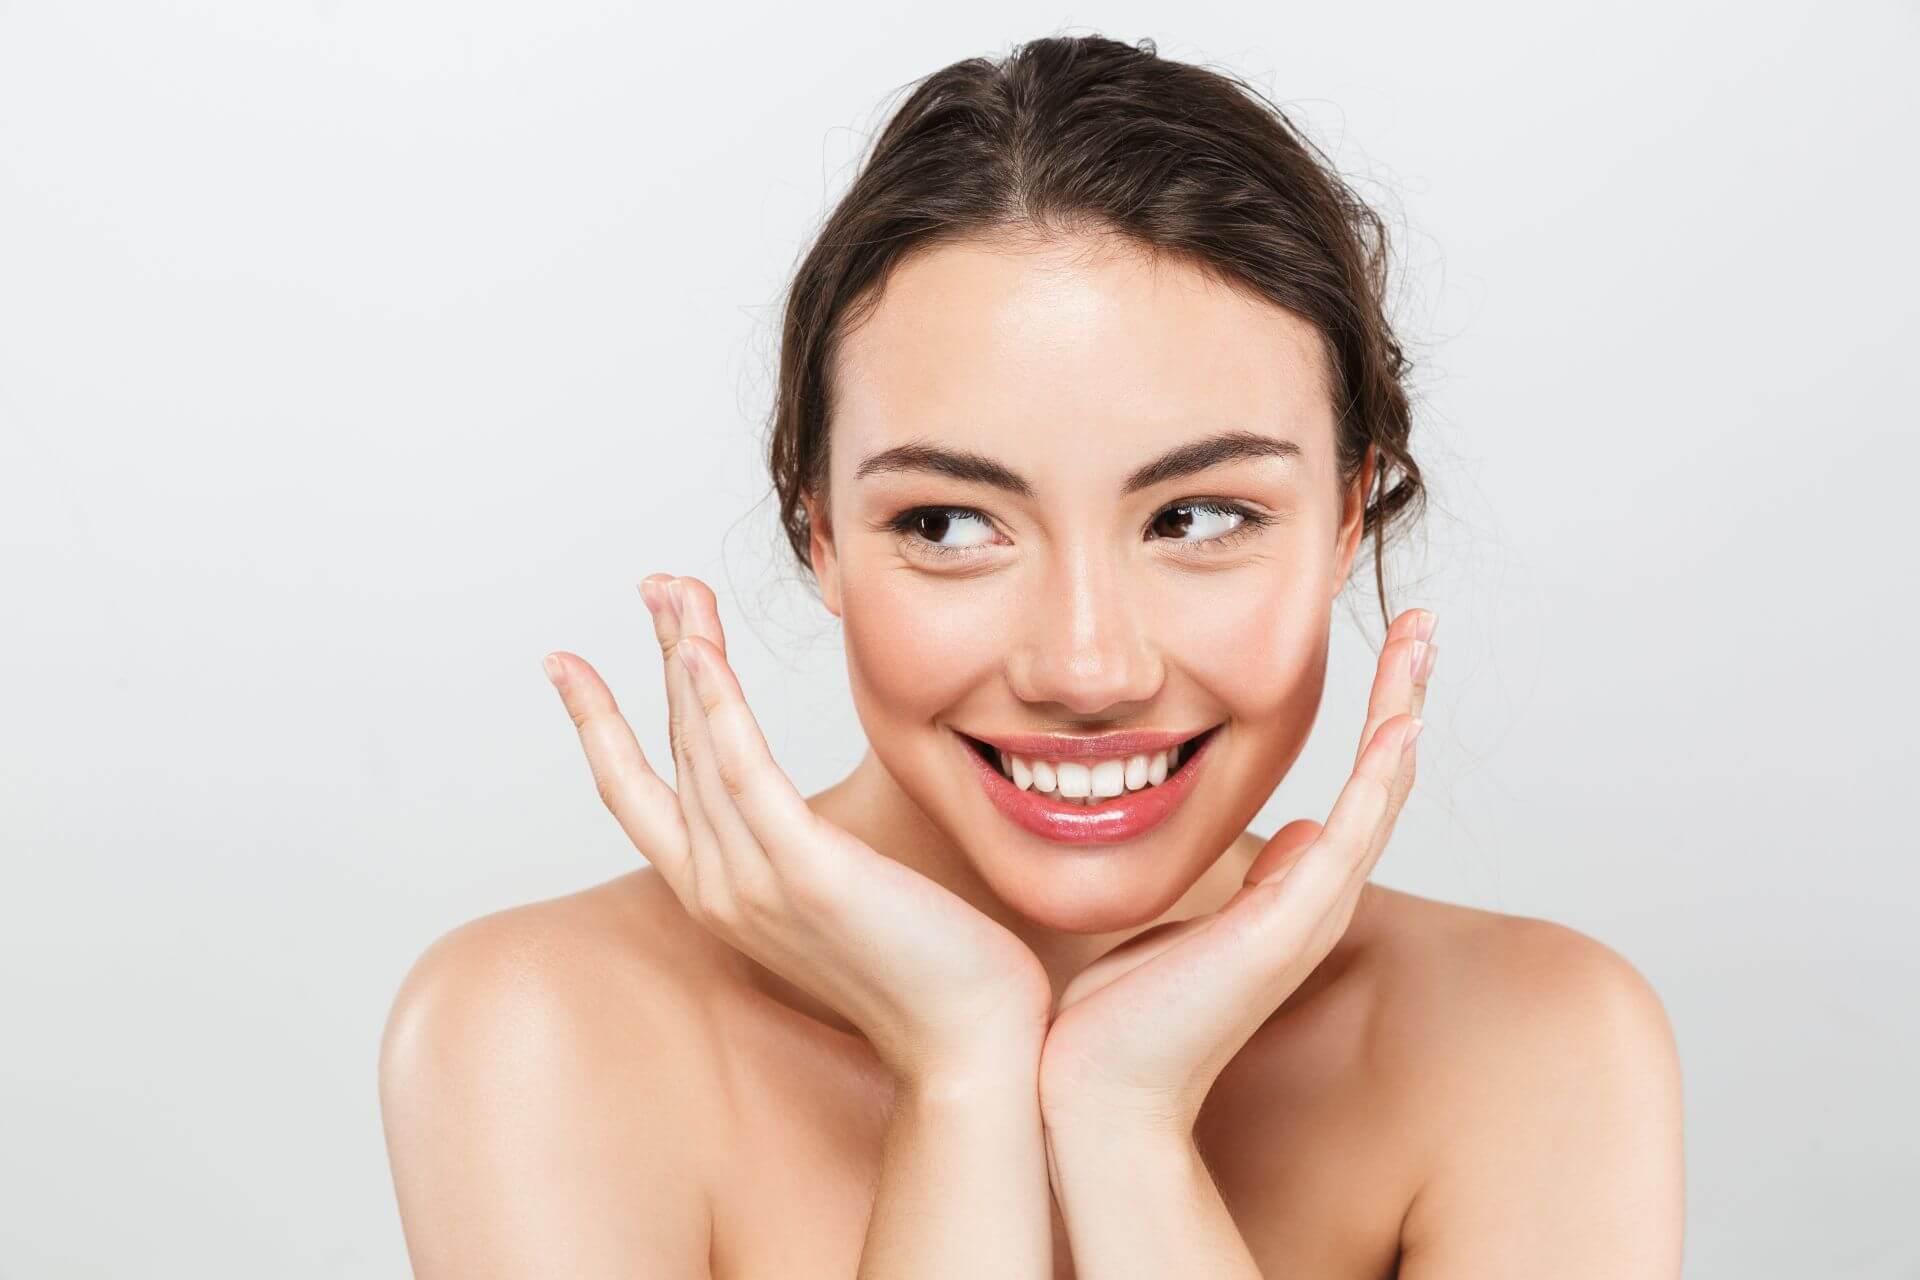 Những thông tin cần biết về sẹo lõm và cách trị sẹo lõm hiệu quả